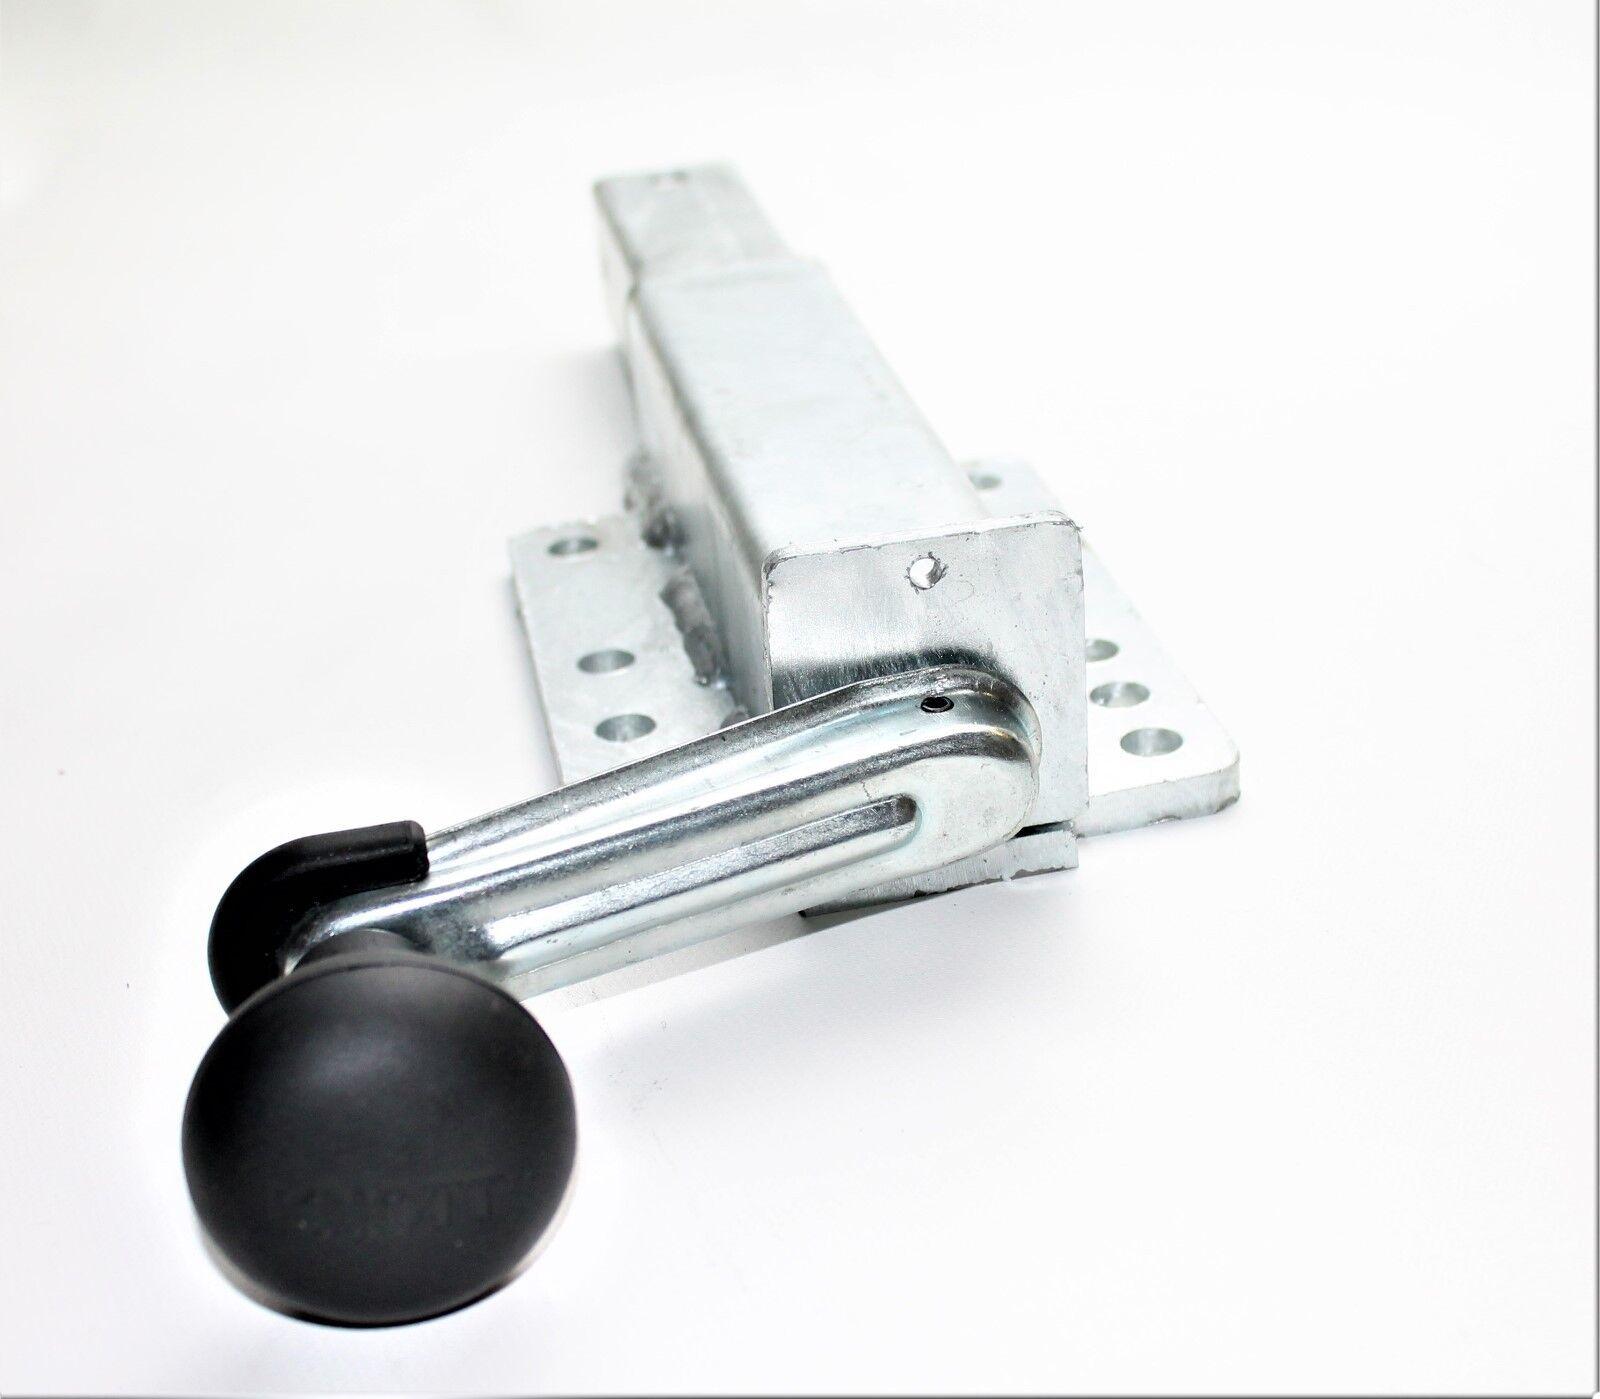 Kurbelstütze für Stiefeltrailer L3069.5 Stiefelzubehör  L3069.5 Stiefeltrailer 8cfec3